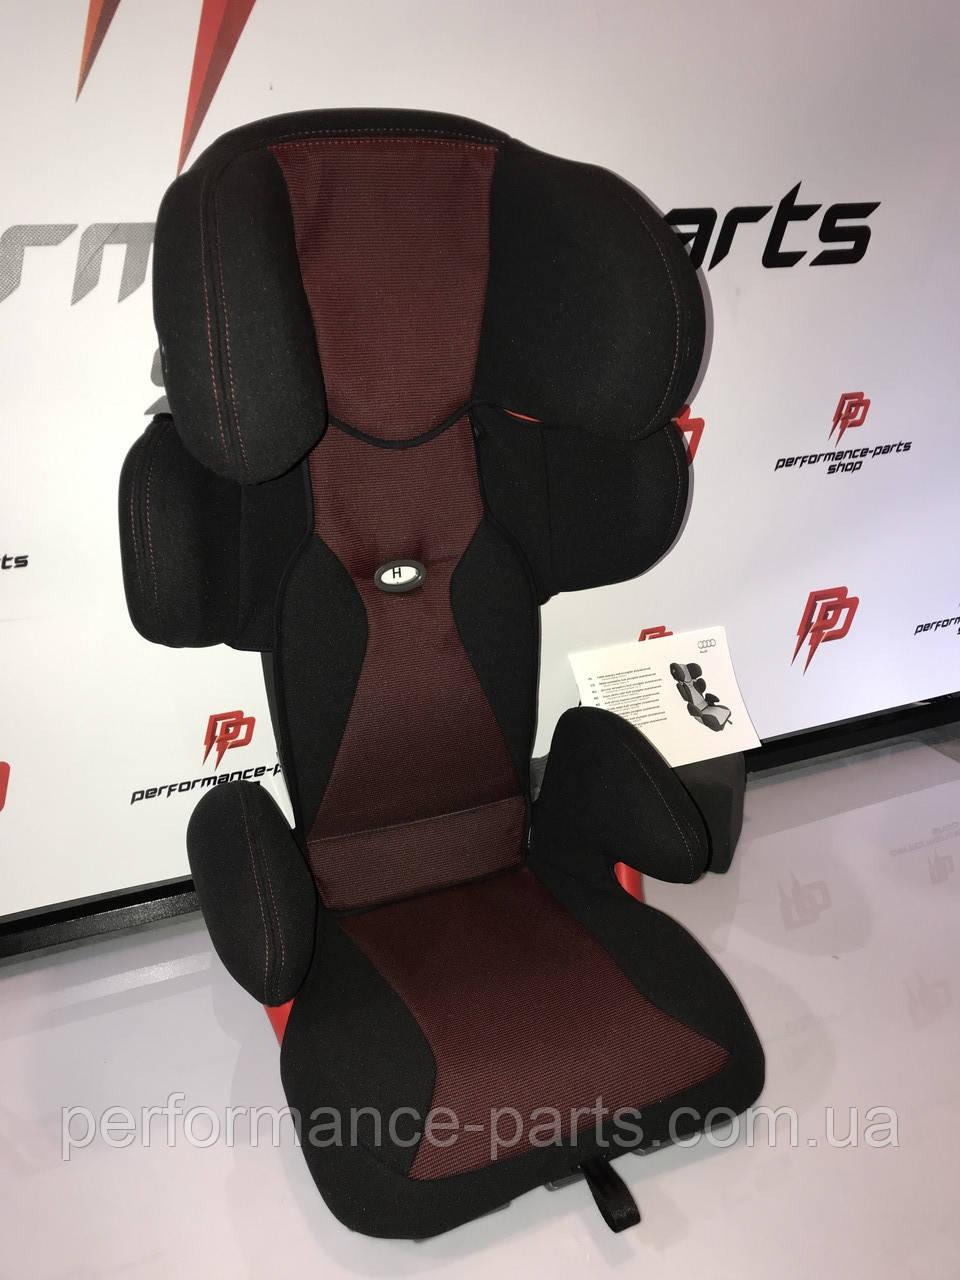 Автомобильное детское кресло Audi Youngster Plus Child Seat, Misano Red/Black, Isofix 4L0019904F